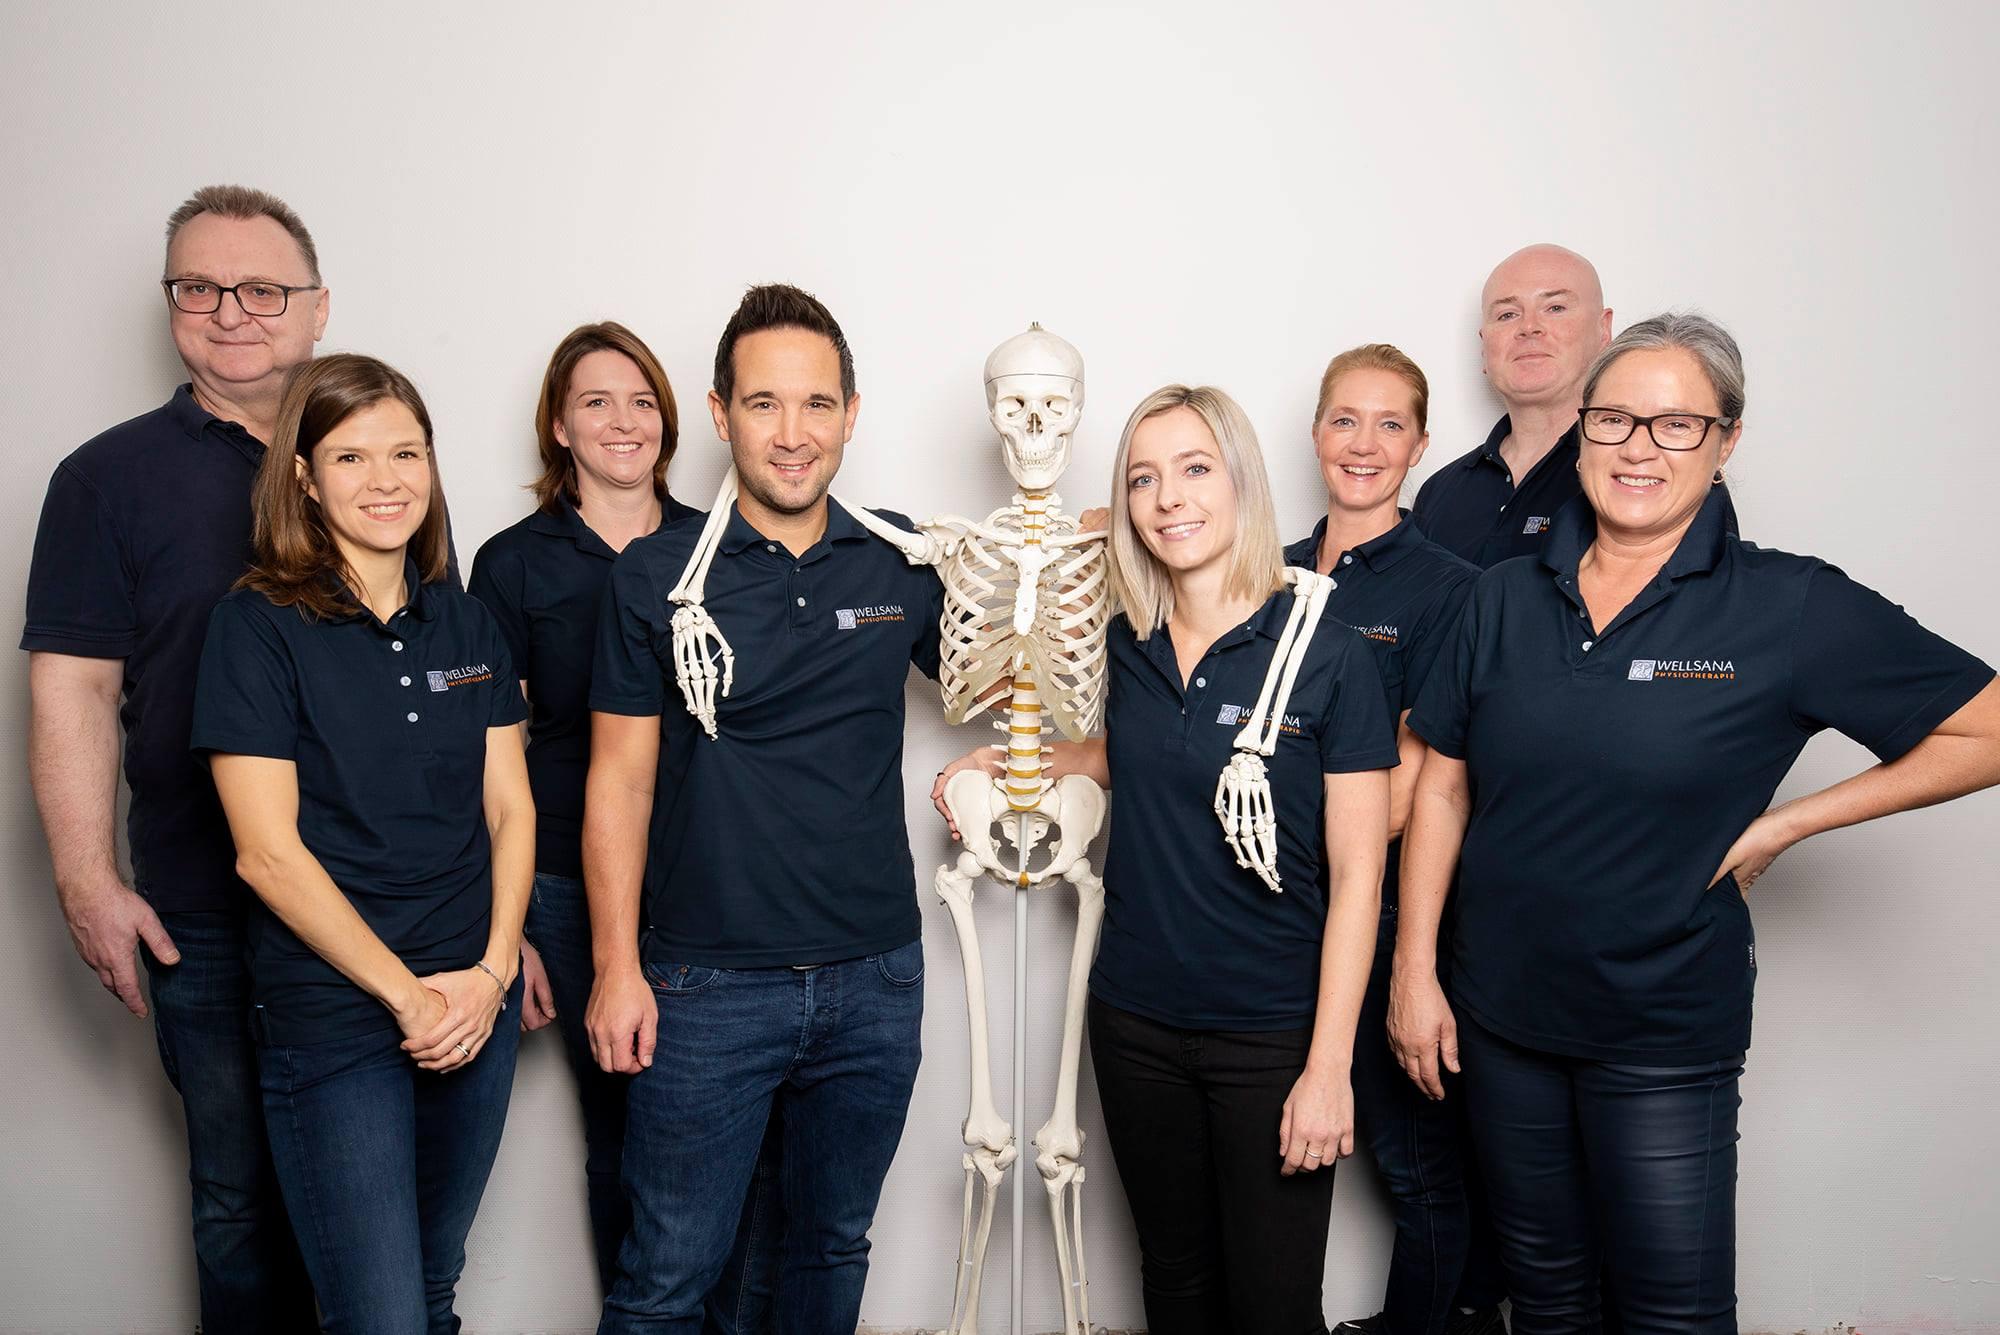 Team Wellsana Basel Physiotherapie